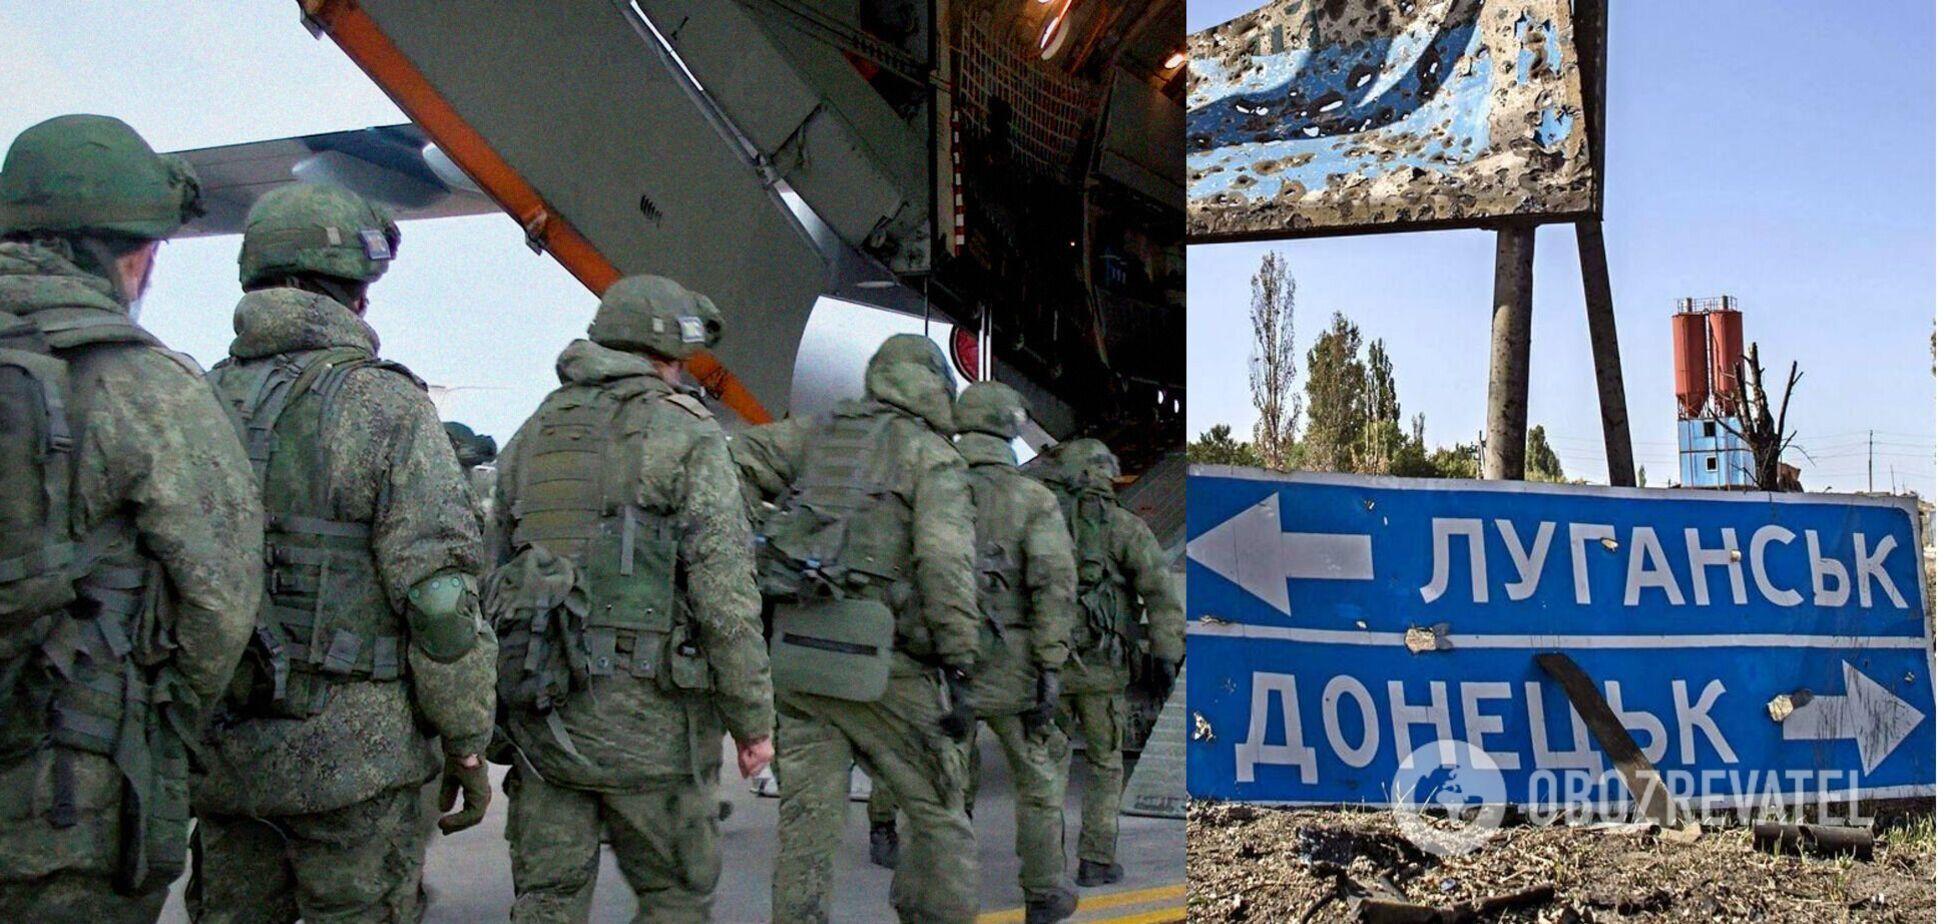 Арестович рассказал, как Россия шантажирует Украину 'миротворцами' на Донбассе